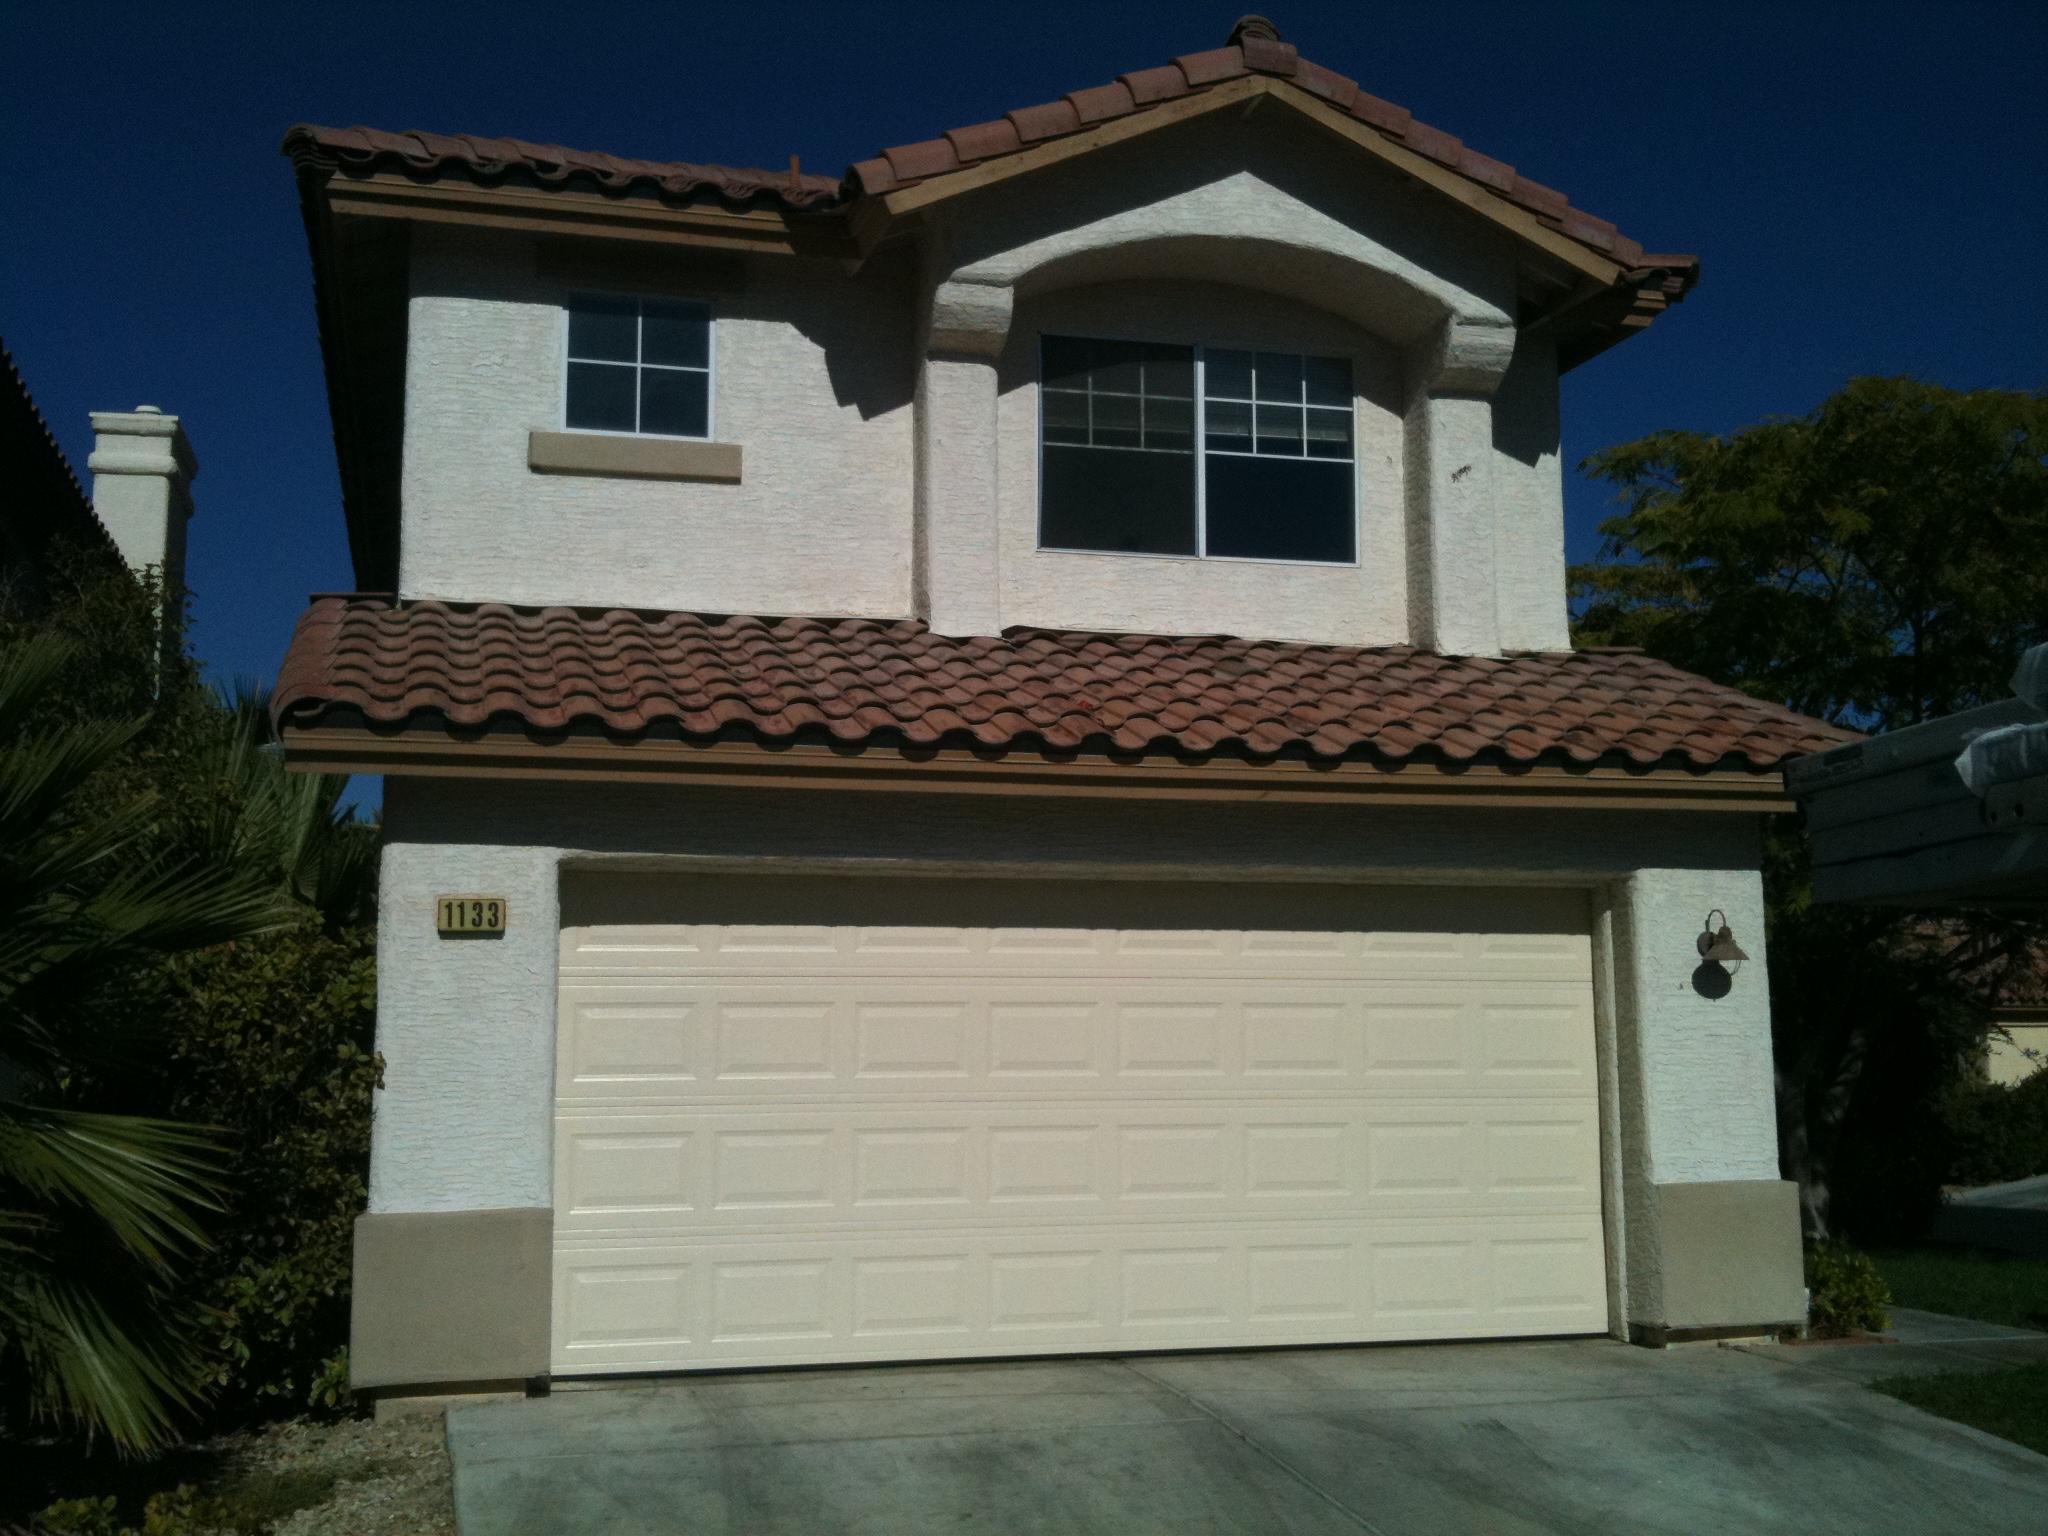 1536 #15375C Opener Damian Douglas Garage Door Service $ 89 Garage Door Tune Up And  picture/photo Amarr Garage Doors Reviews 37892048